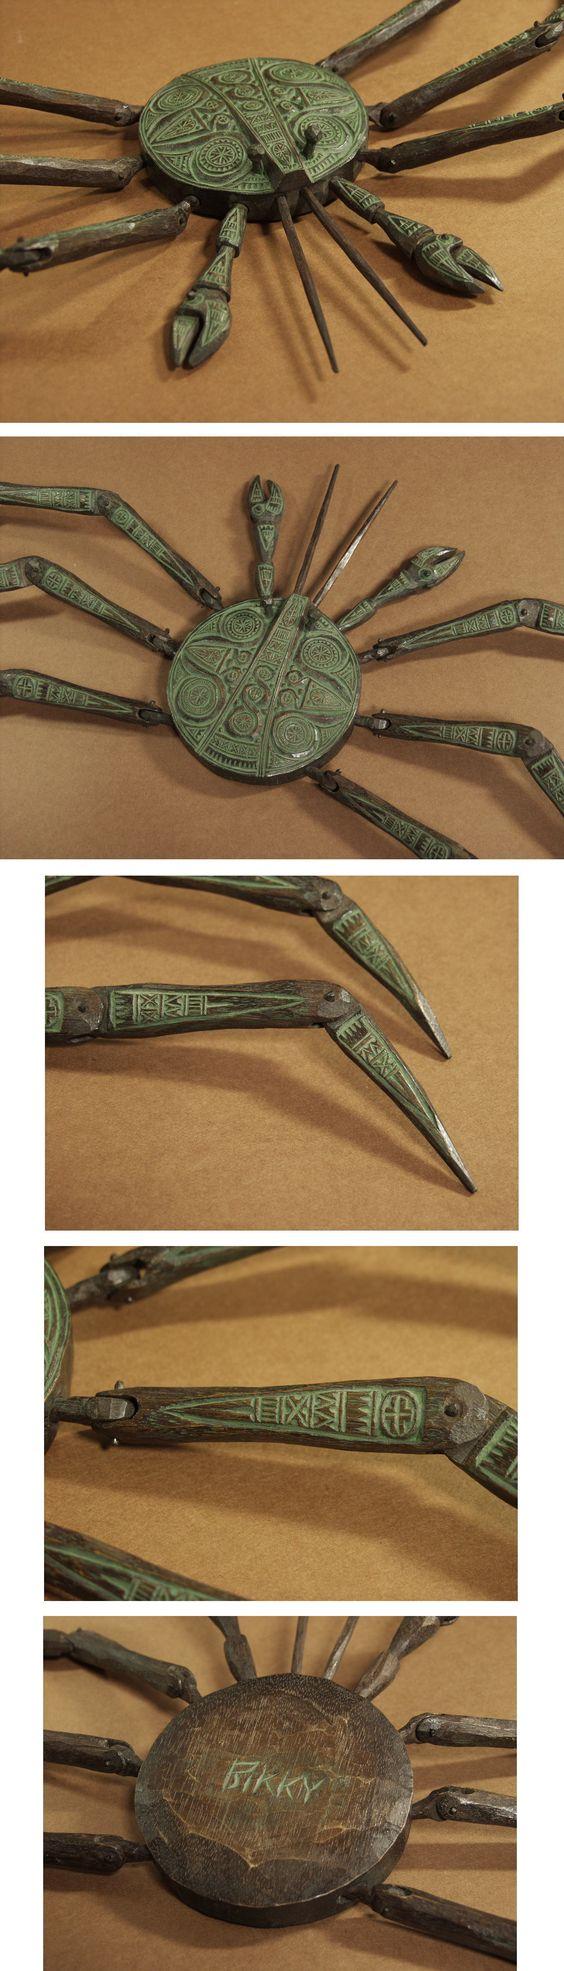 ■砂澤ビッキ 木彫作品 「樹蟹(かに)」 アイヌ彫刻の傑作です■ - ヤフオク!